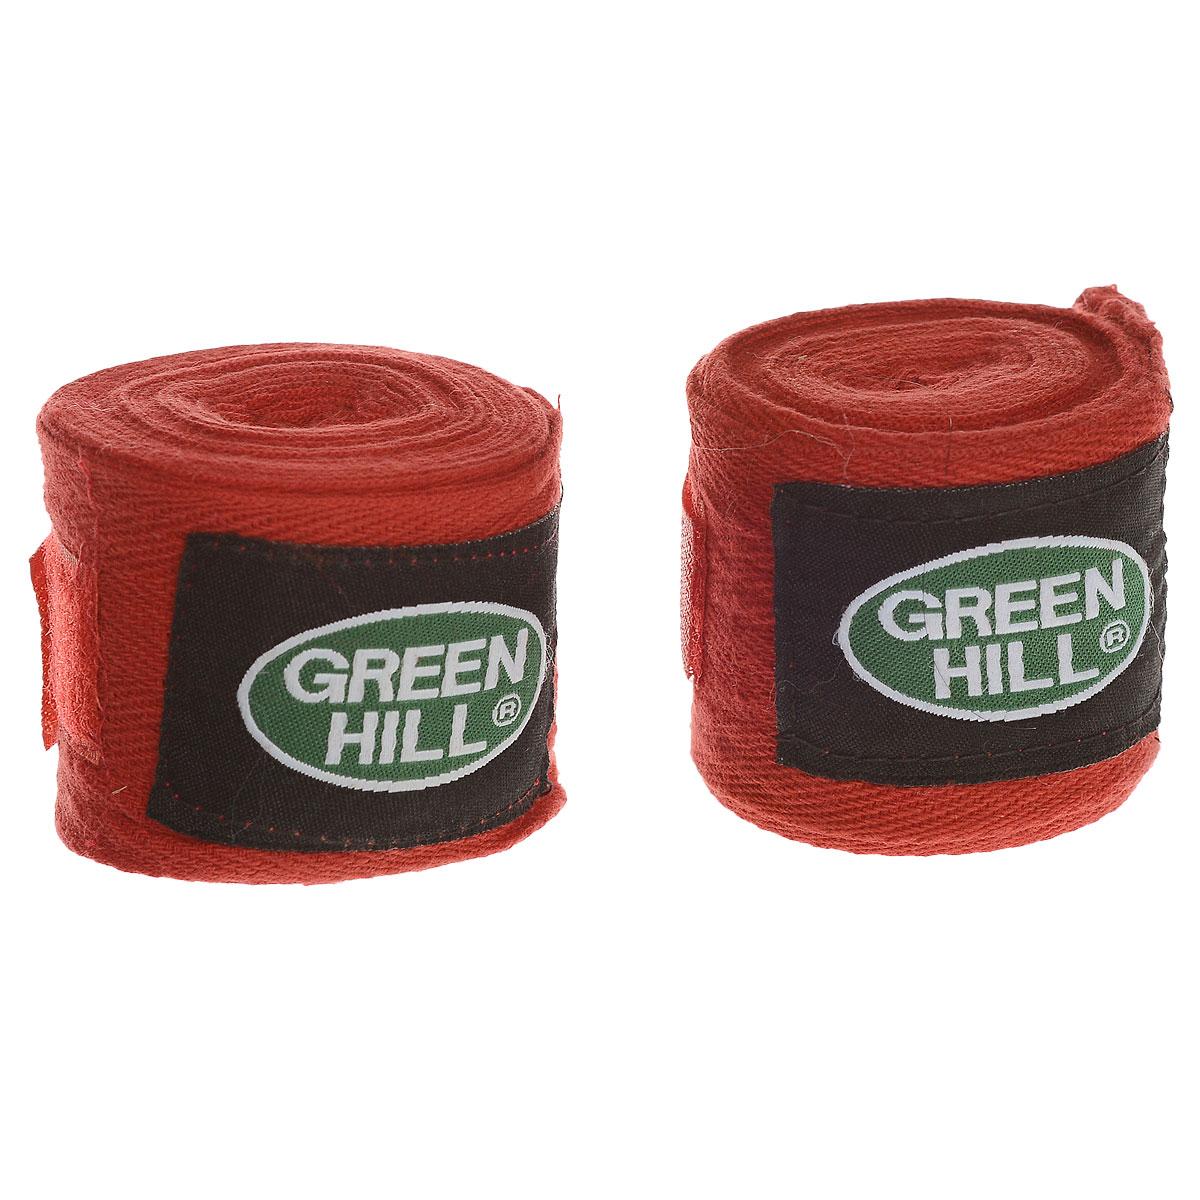 Бинты боксерские Green Hill, хлопок, цвет: красный, 2,5 м, 2 штВС-6235-25Бинты Green Hill предназначены для защиты запястья во время занятий боксом. Изготовлены из высококачественного хлопка. Бинты надежно закрепляются на руке застежкой на липучке. Длина бинтов: 2,5 м.